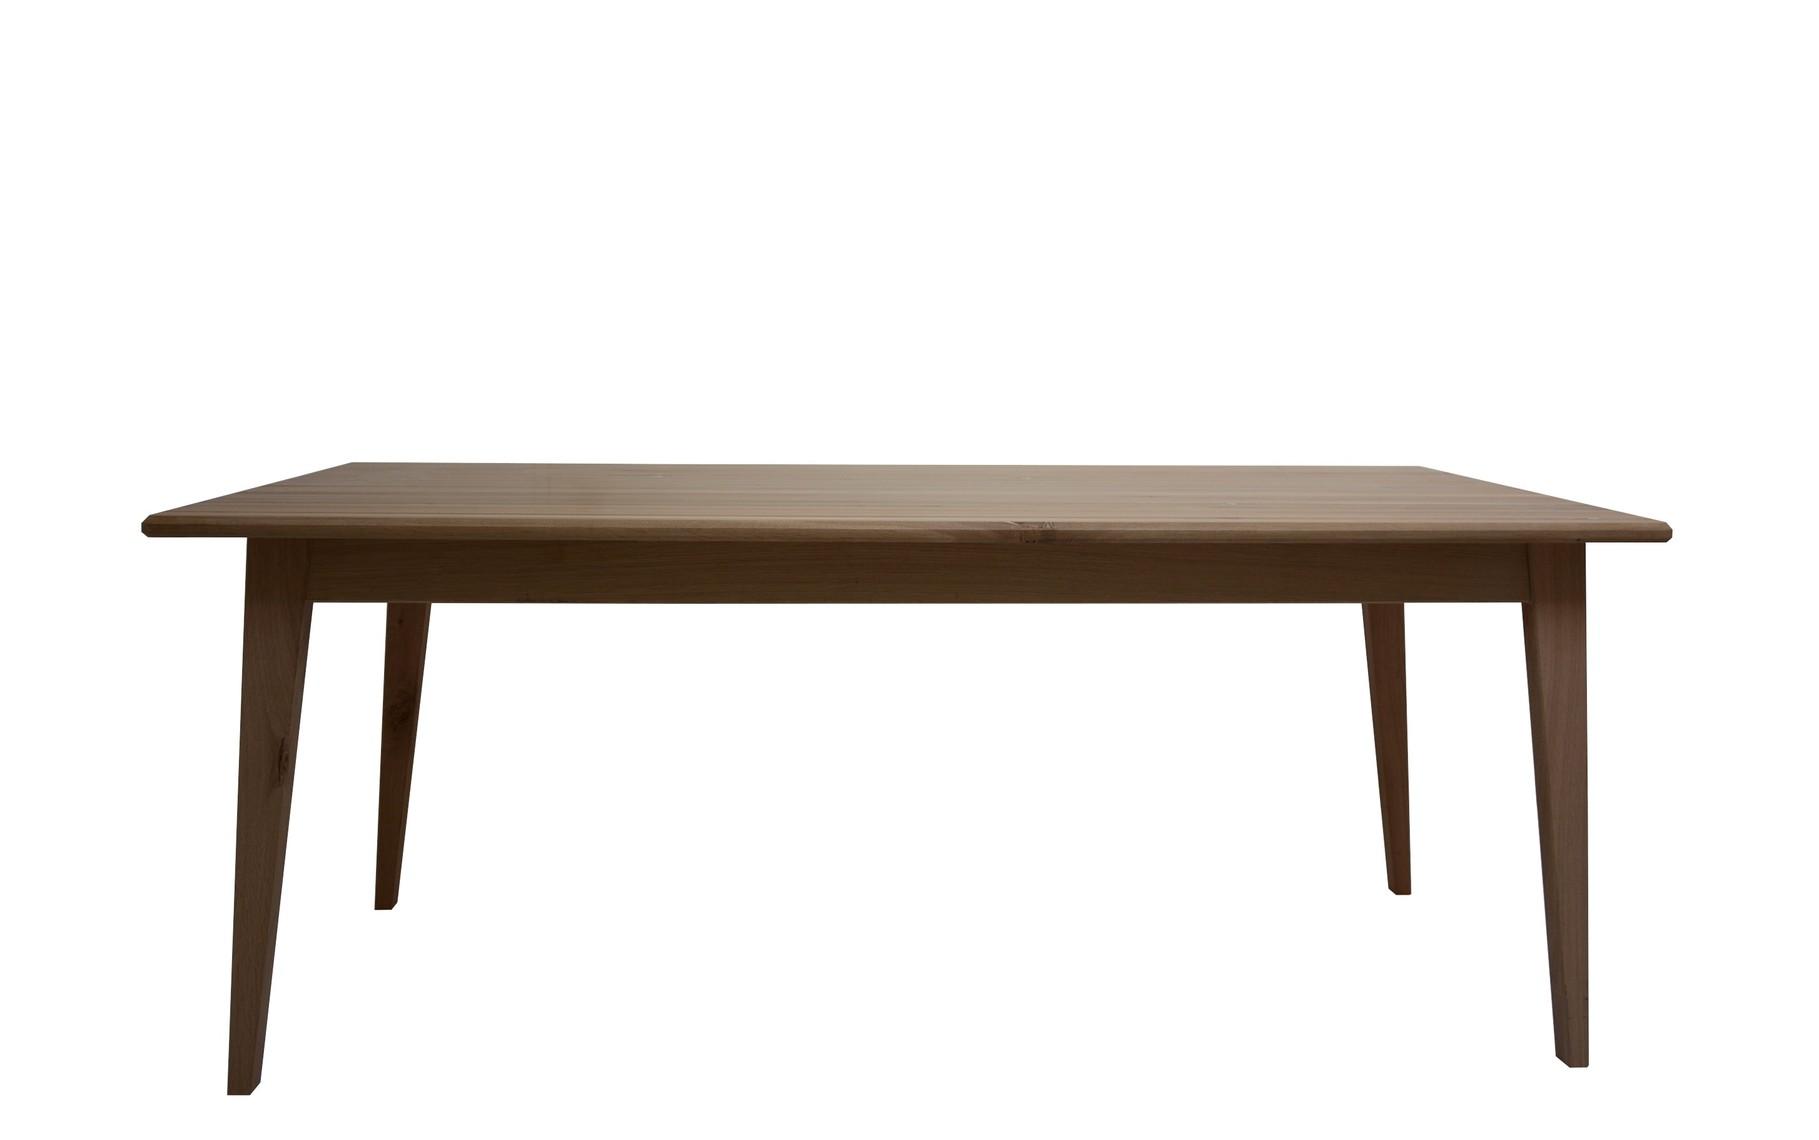 esstisch massivholz tisch eiche rustikal neuformat m beldesign. Black Bedroom Furniture Sets. Home Design Ideas